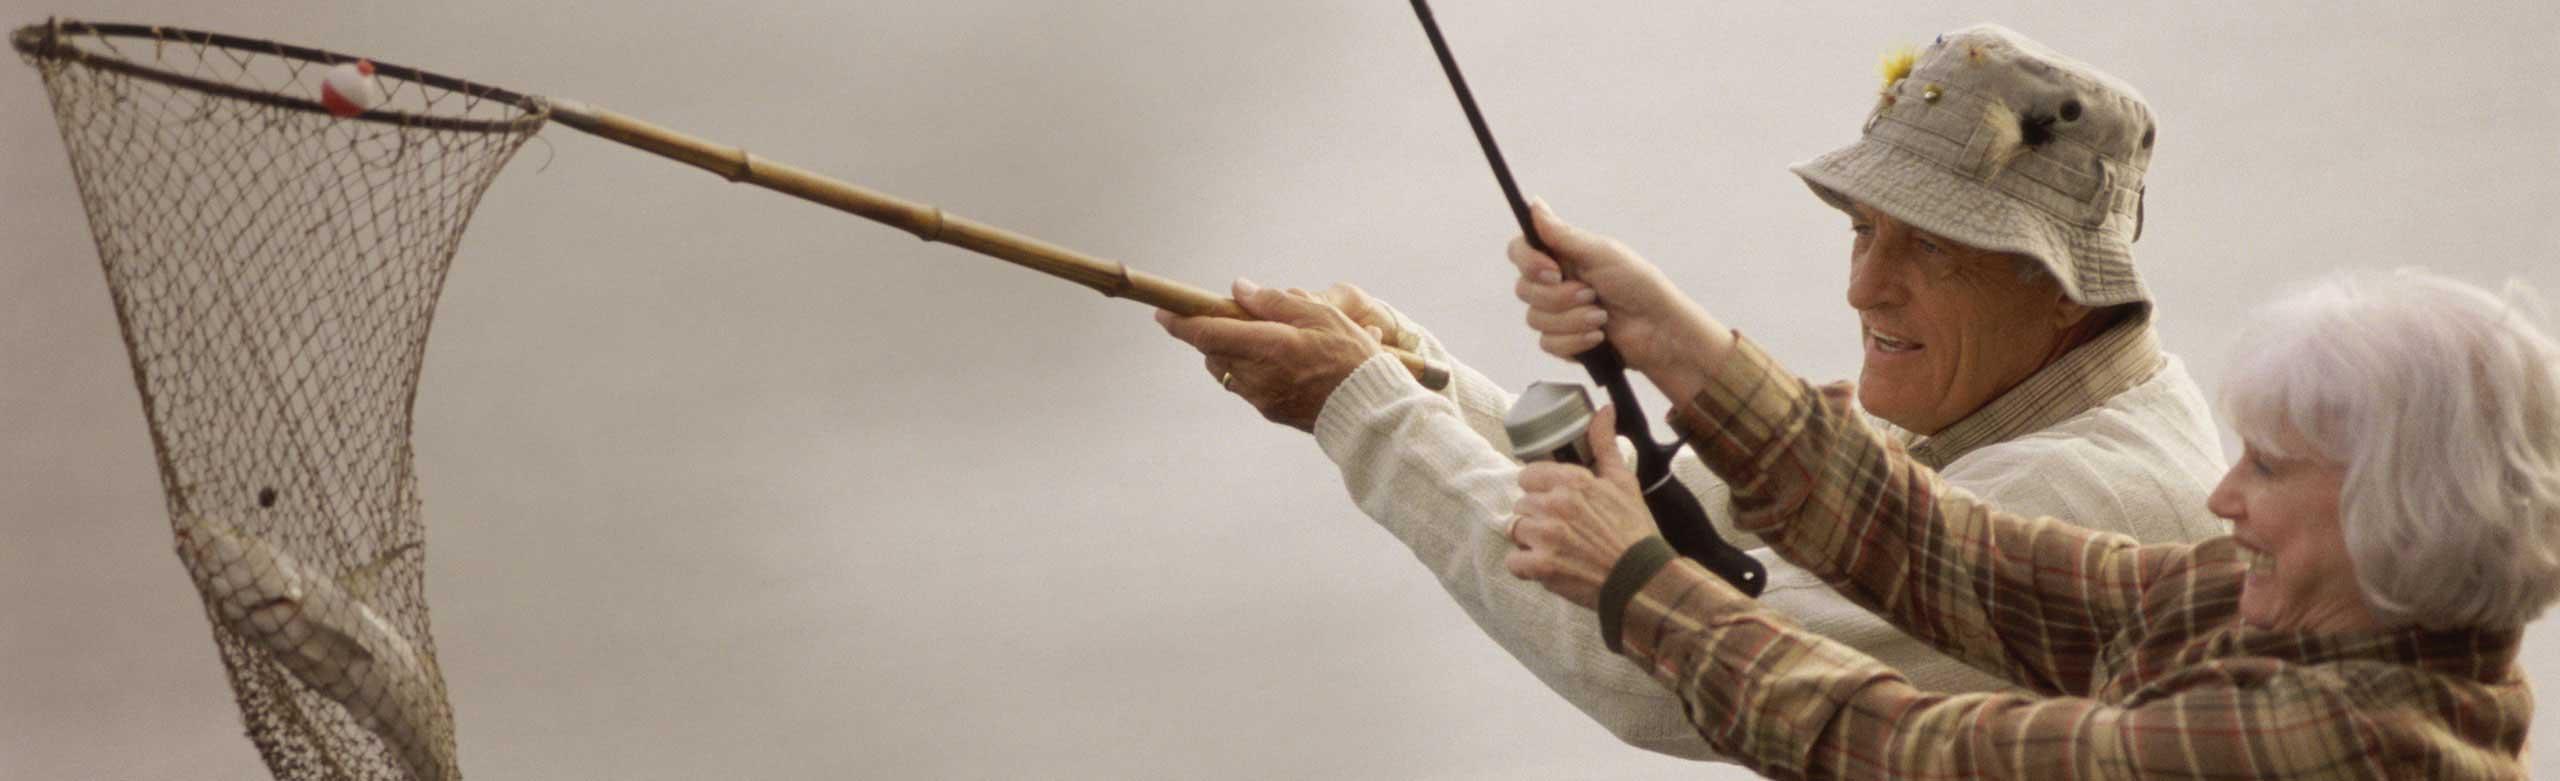 Casal de idosos pescando com uma rede e uma vara de pesca